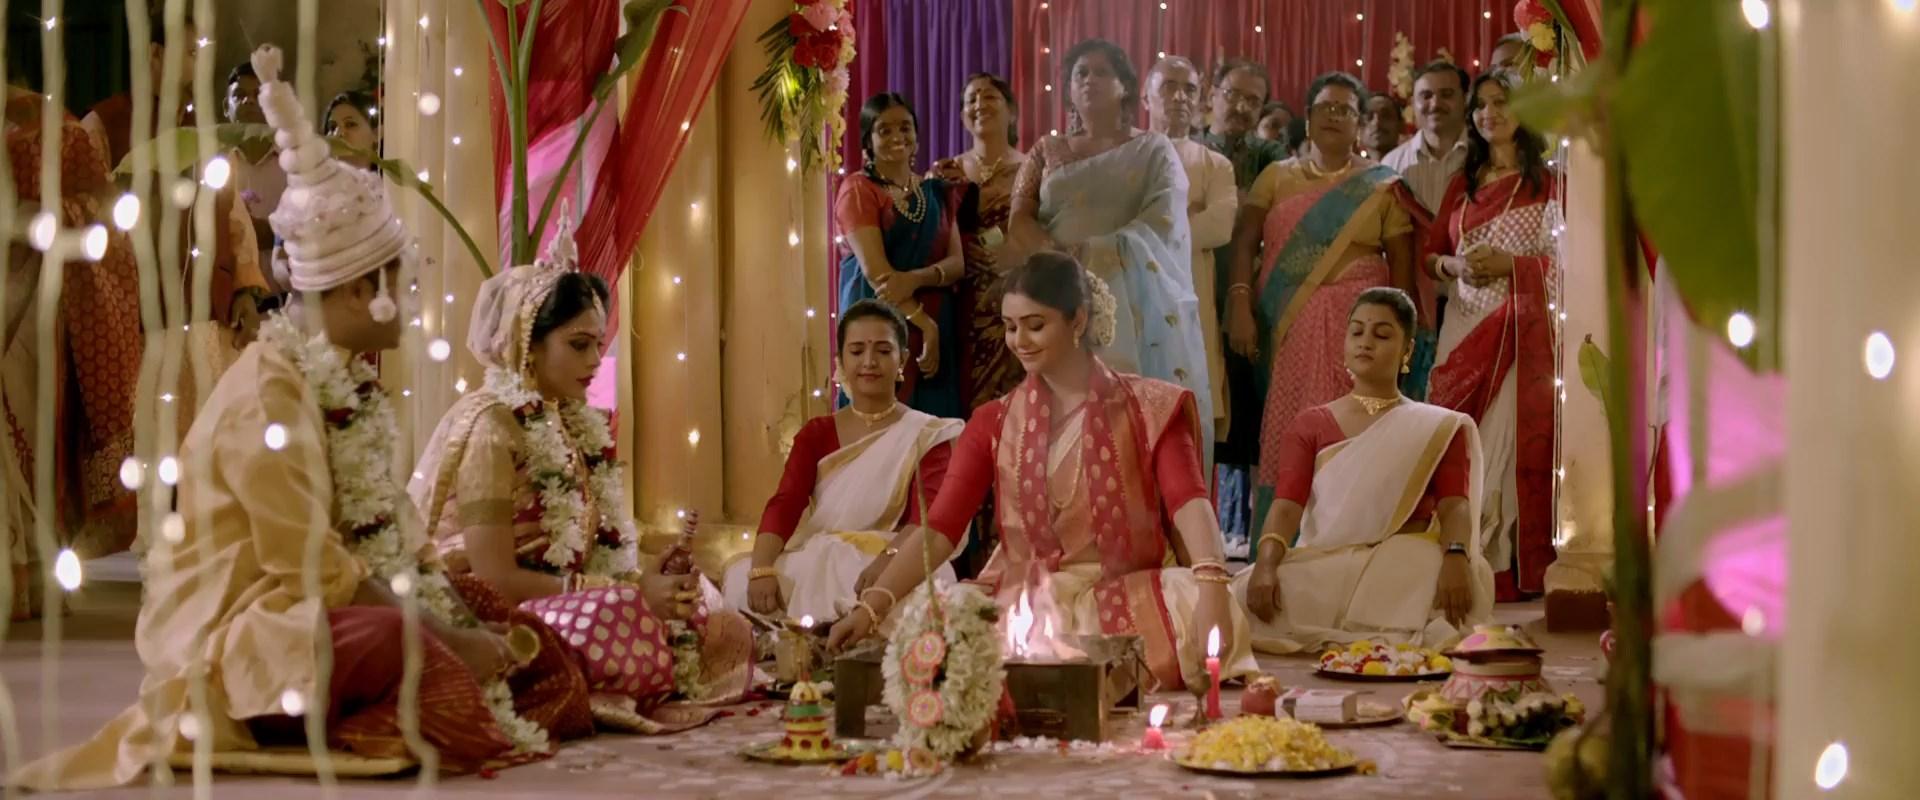 Brahma Janen Gopon Kommoti 2021 Bengali 1080p HDRip 1.8GB.mkv snapshot 01.04.34.740